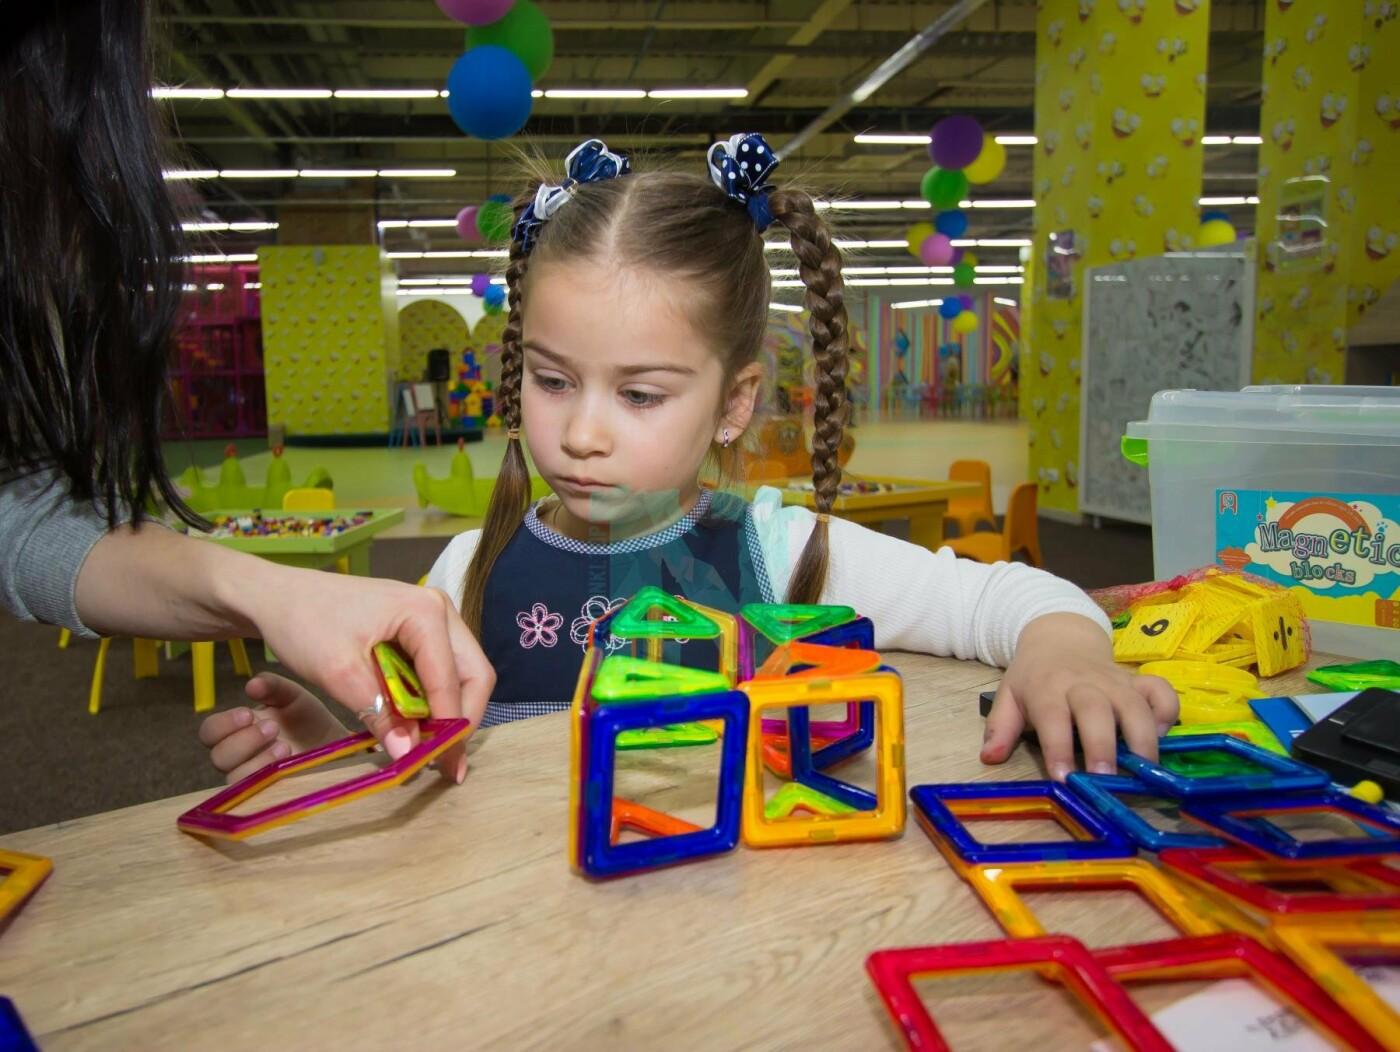 Магнитный конструктор – не только развлечение, но и современное развитие ребенка, фото-3